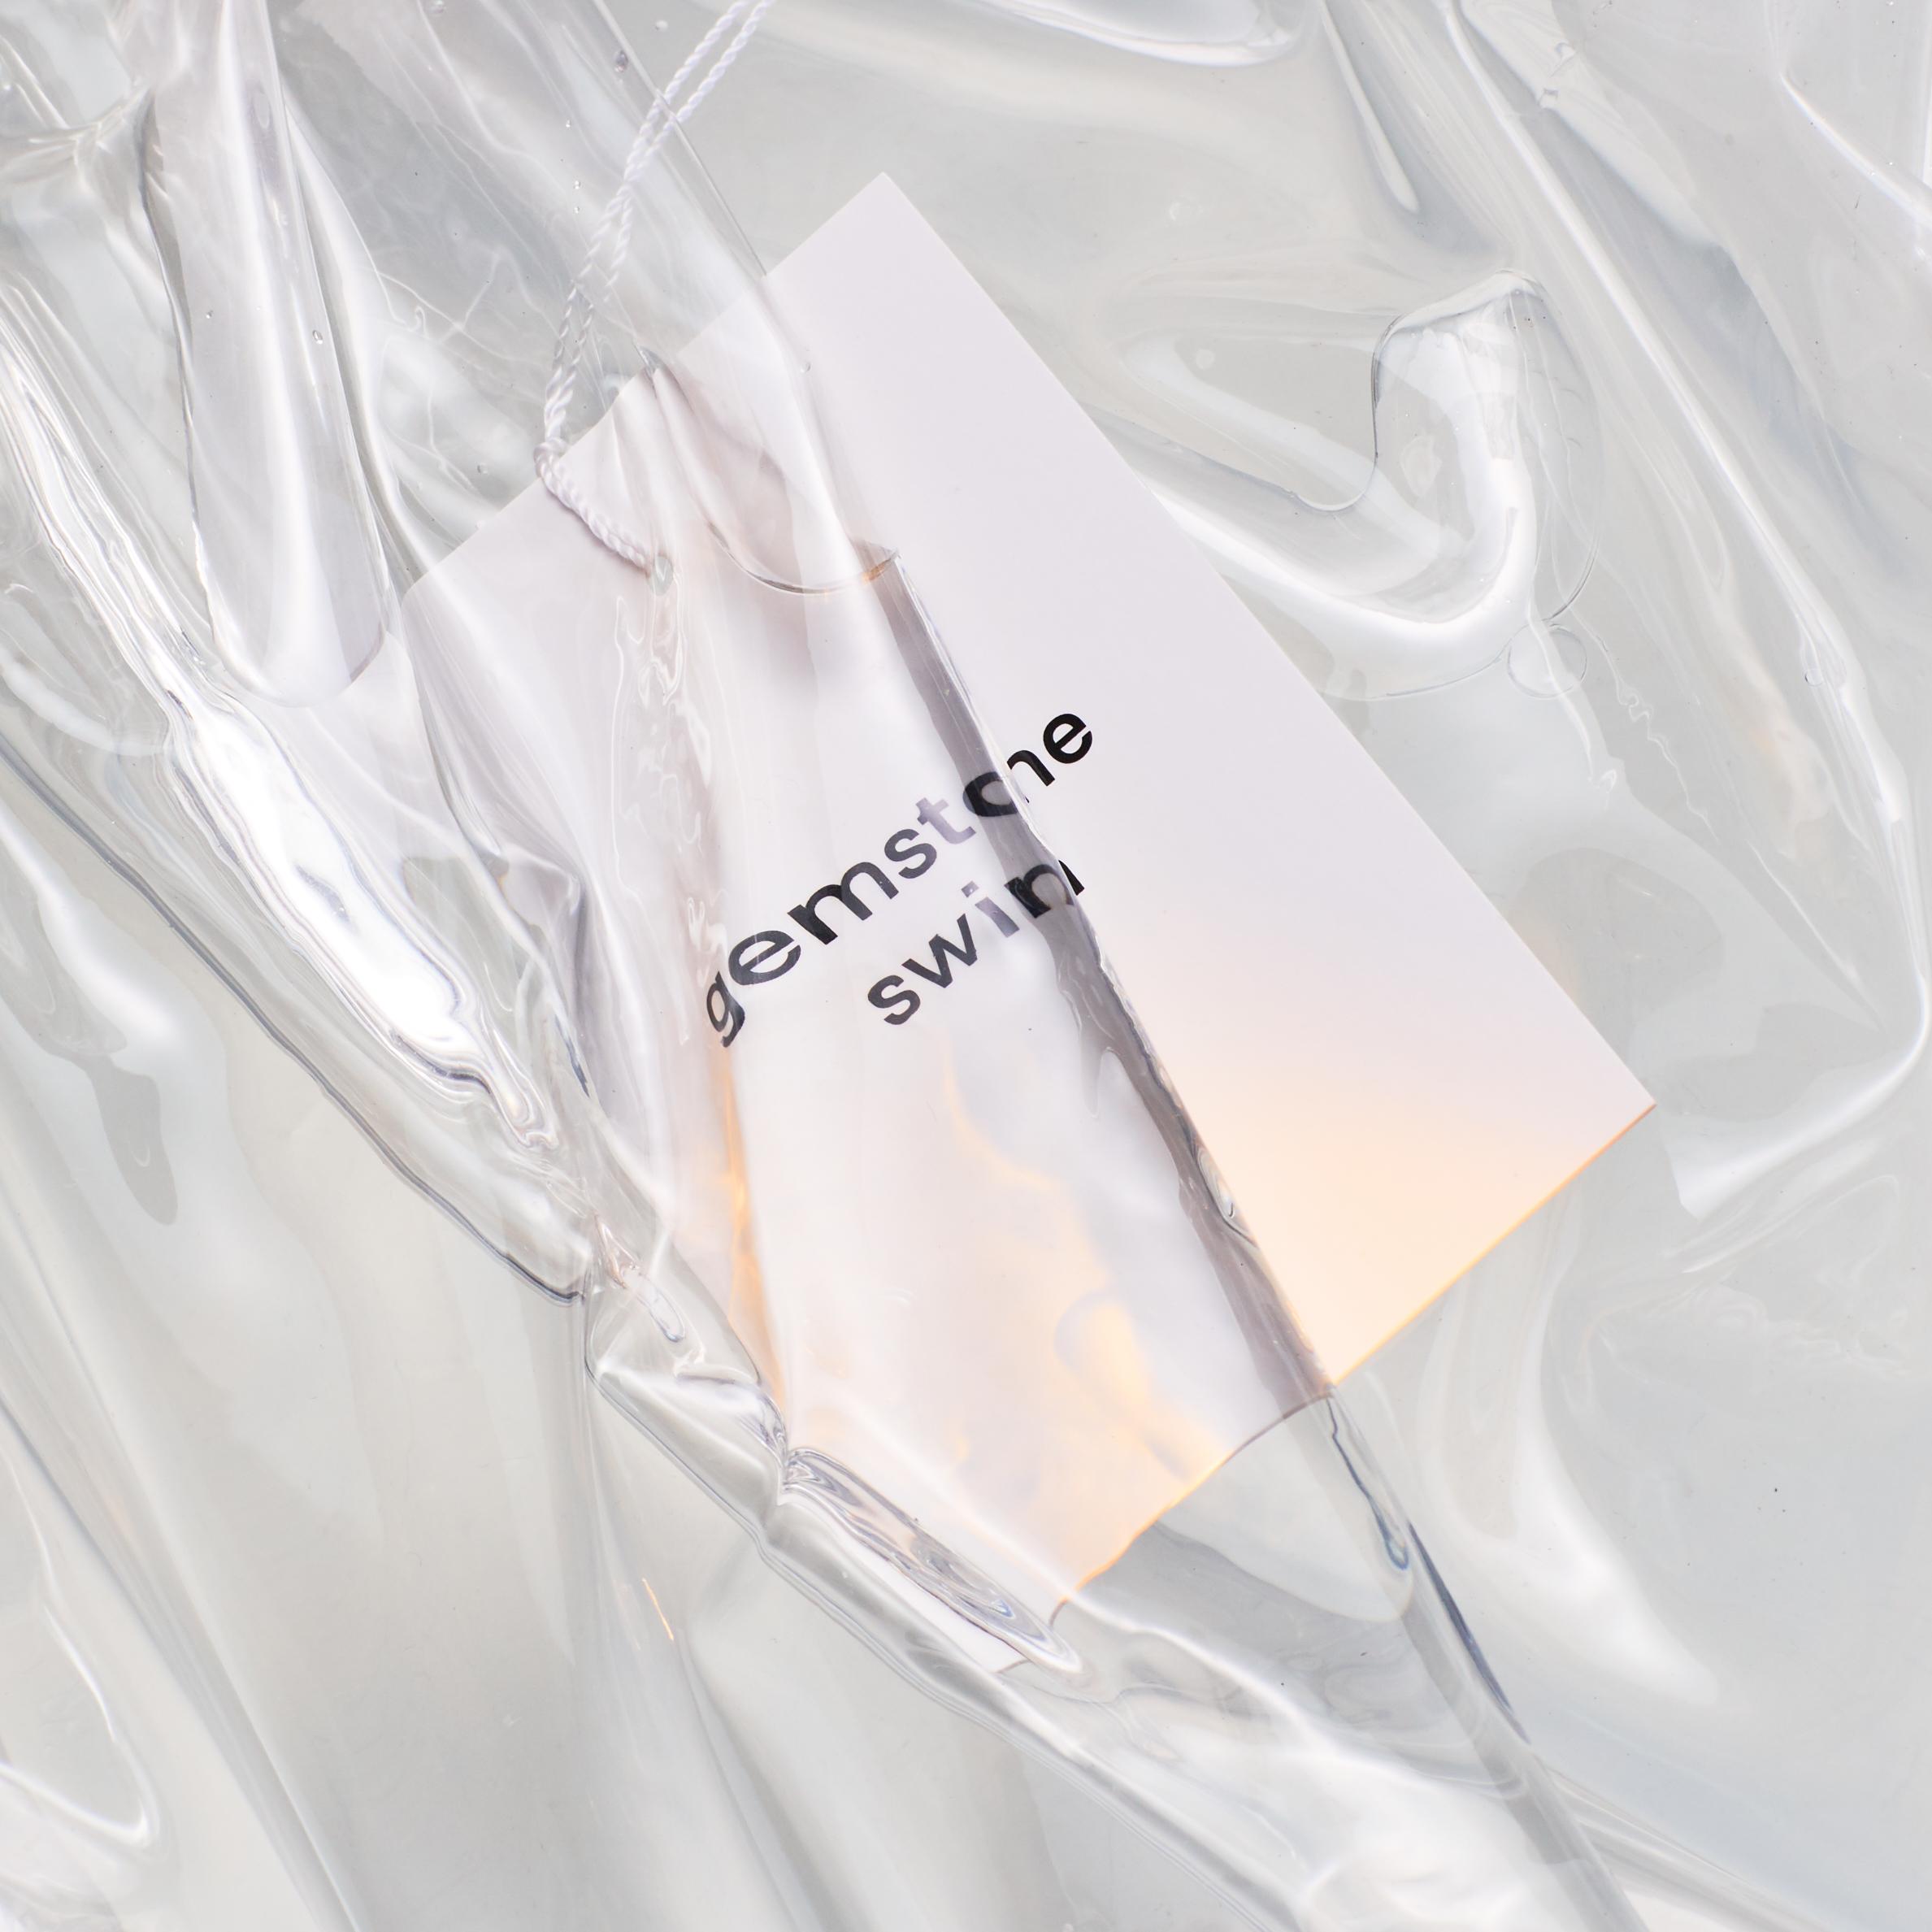 Gemstone Swim : une marque à découvrir pour baigner dans la mode éthique et locale